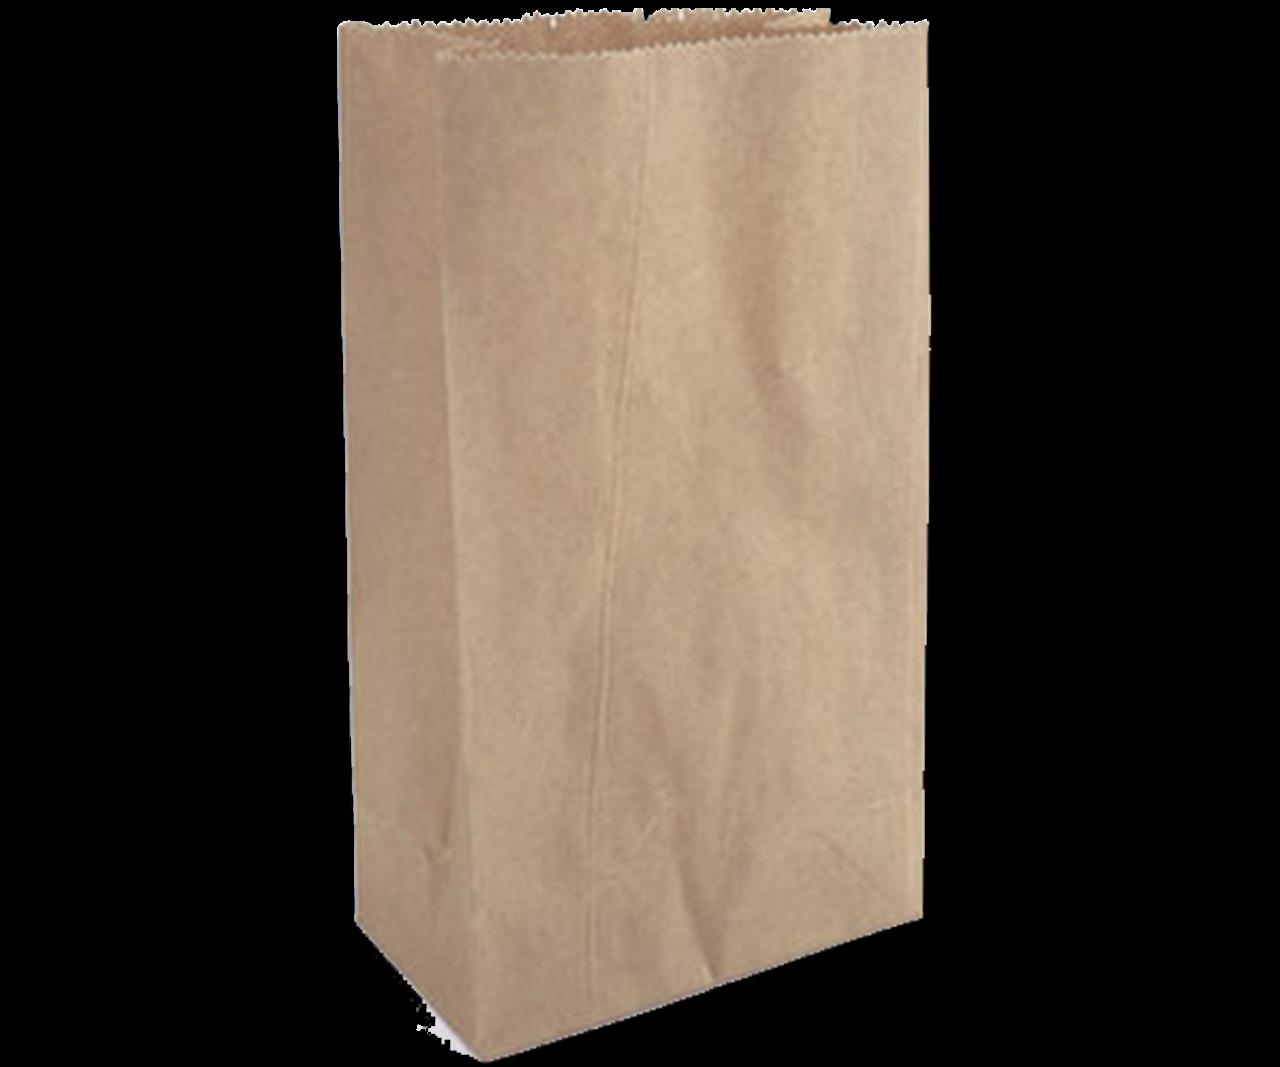 335c161e46e2 Hardware Store Paper Bags